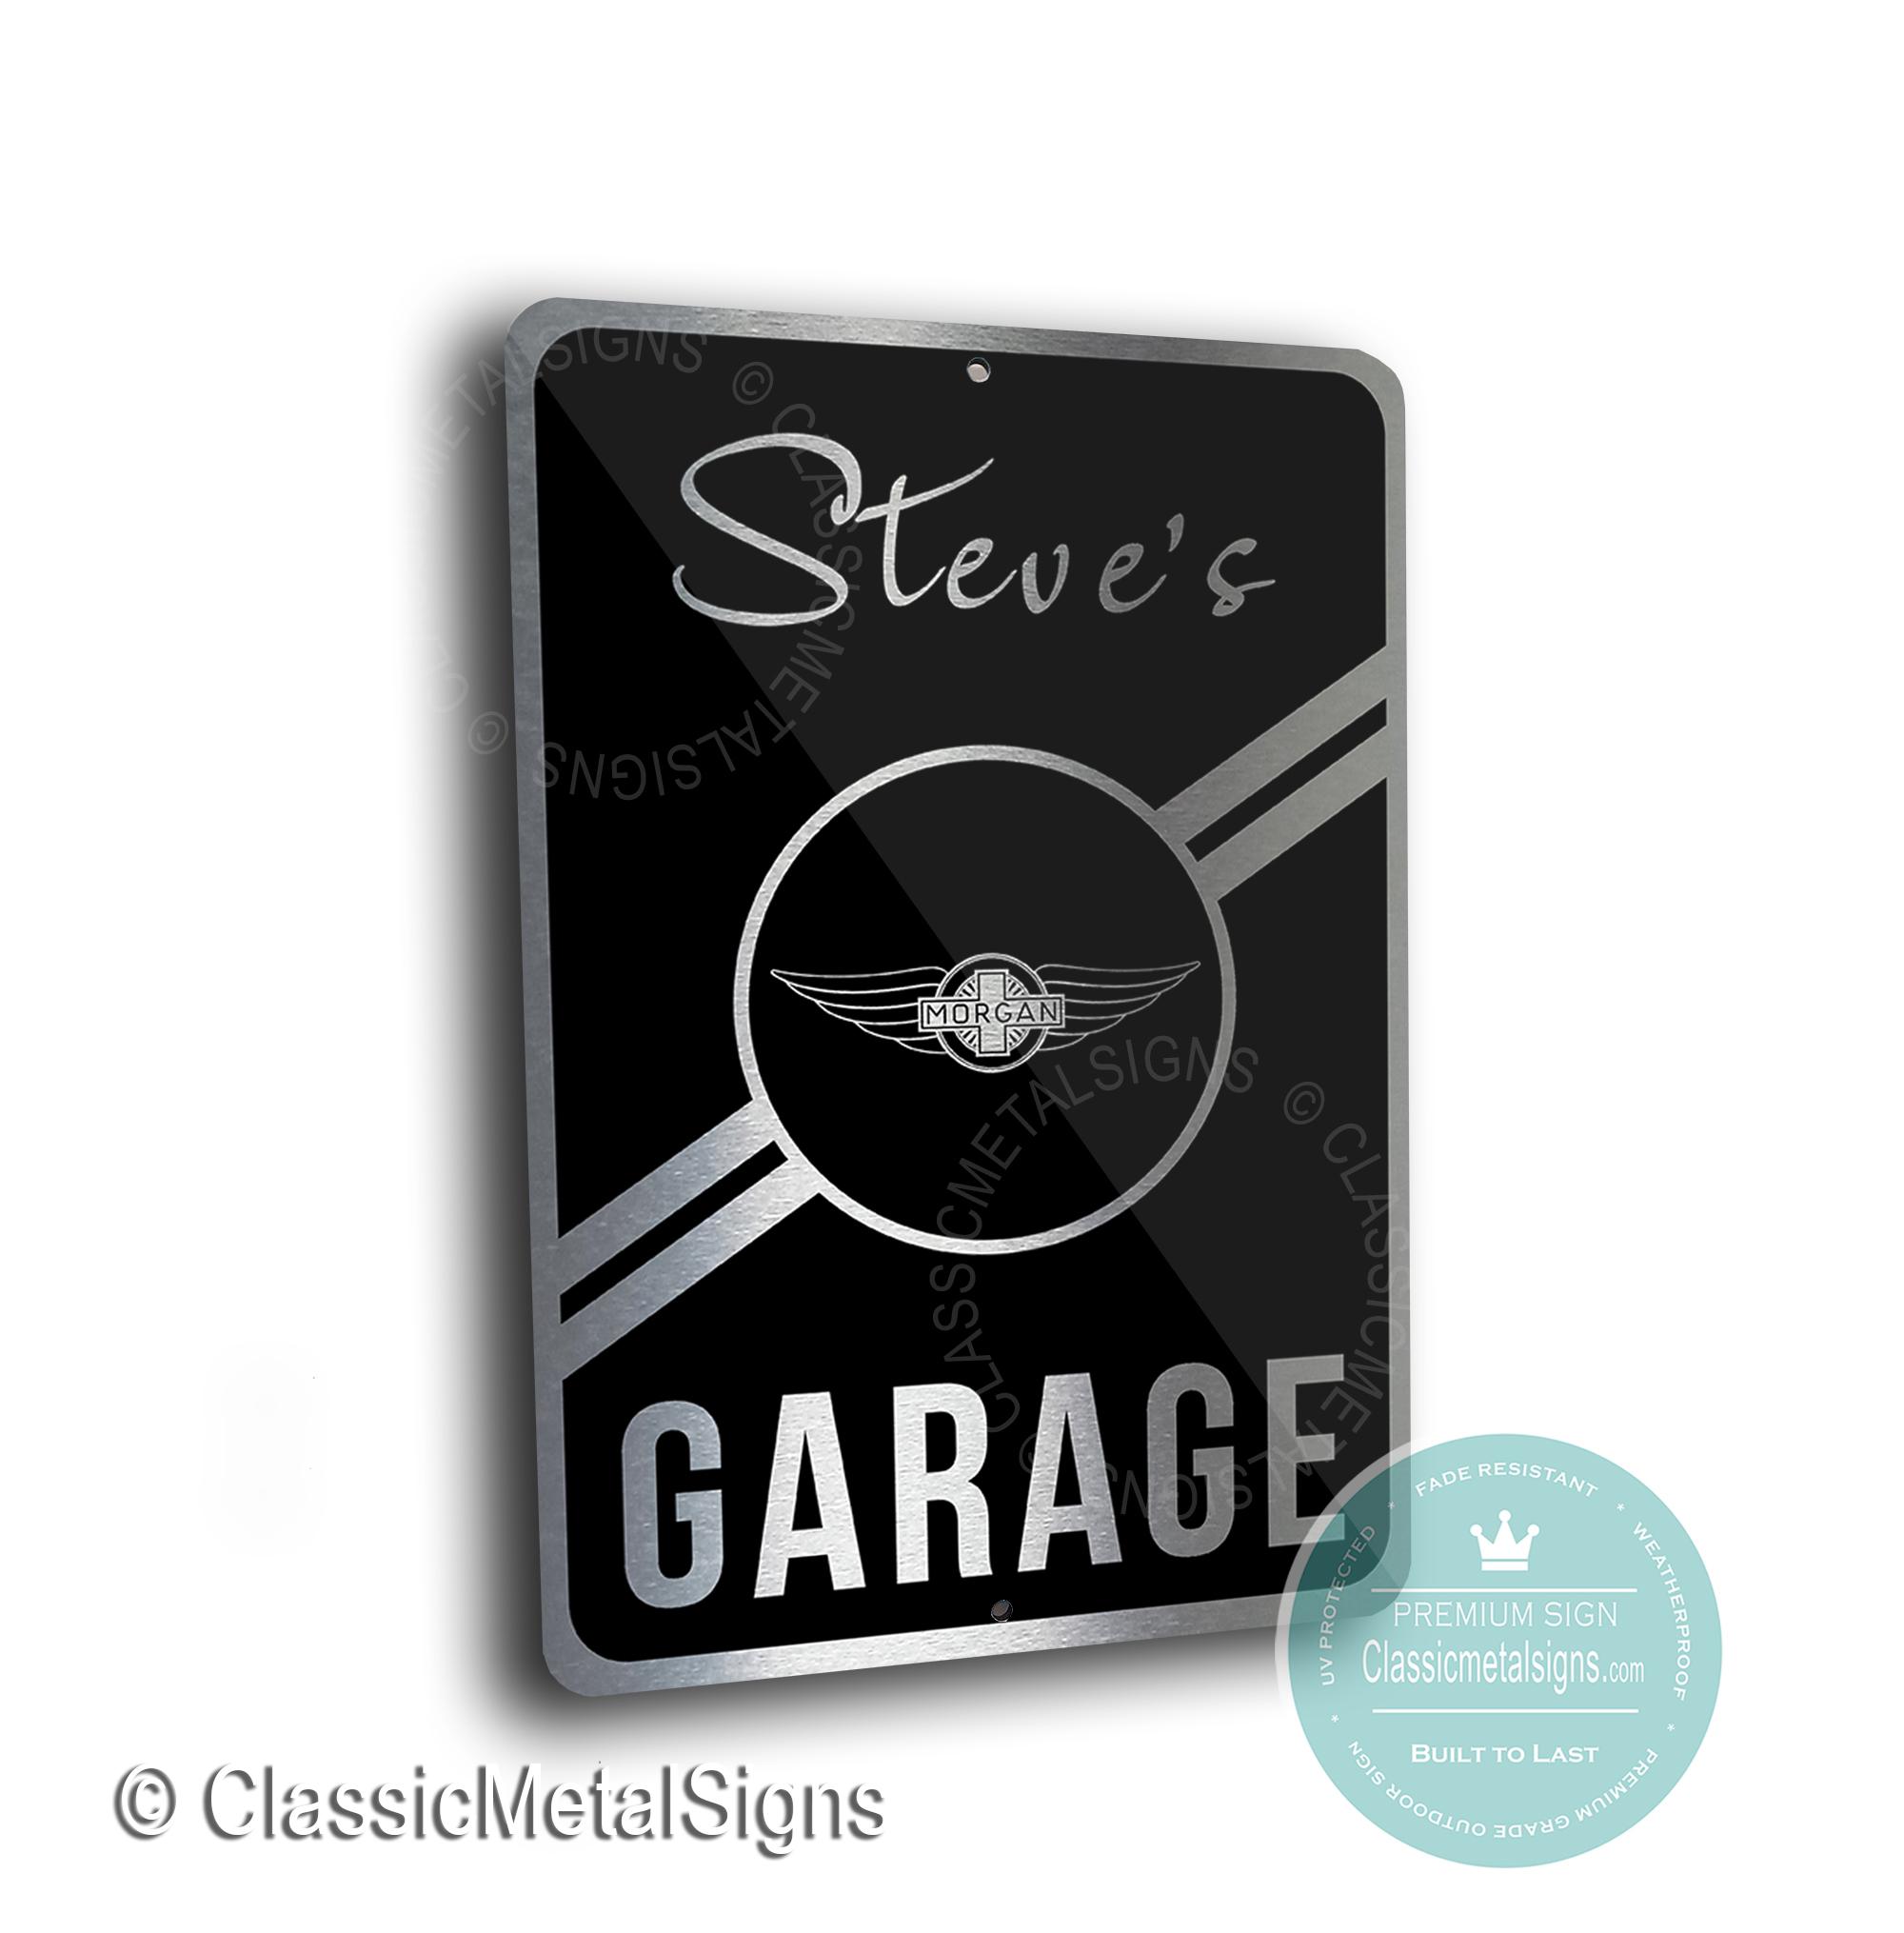 Morgan Garage Signs